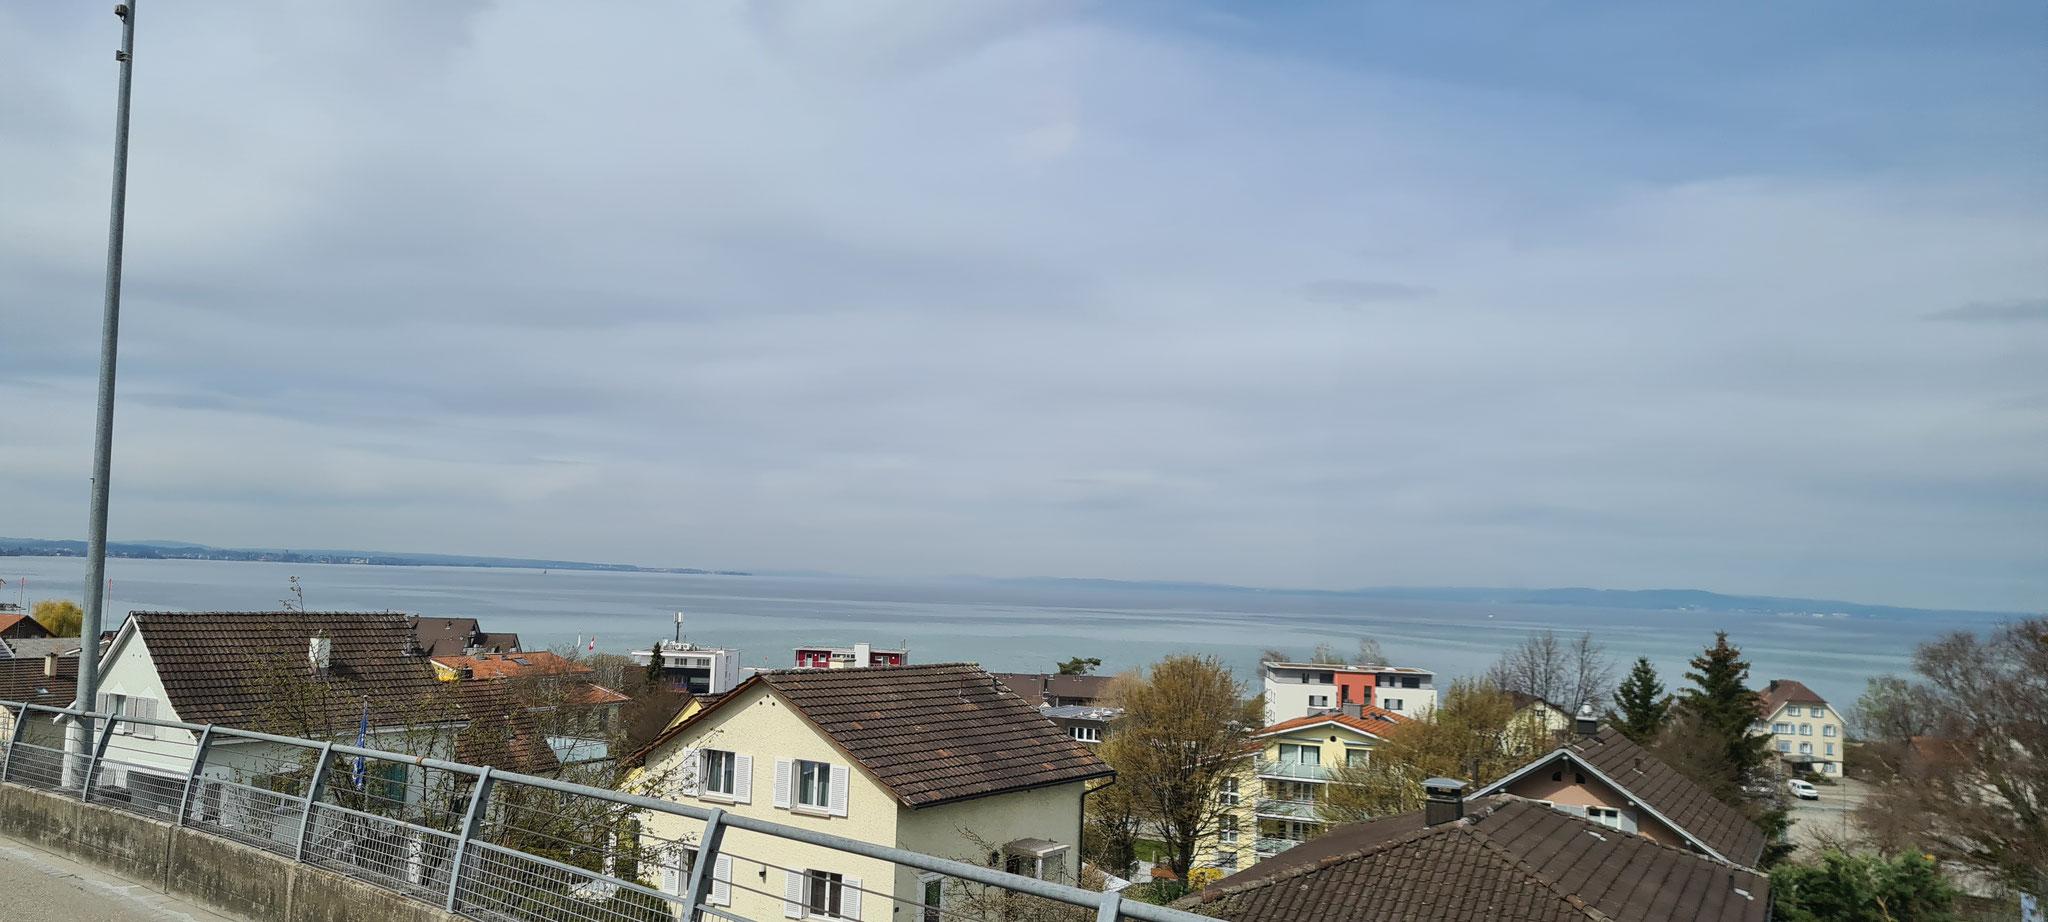 Schon ist der Bodensee zu sehen